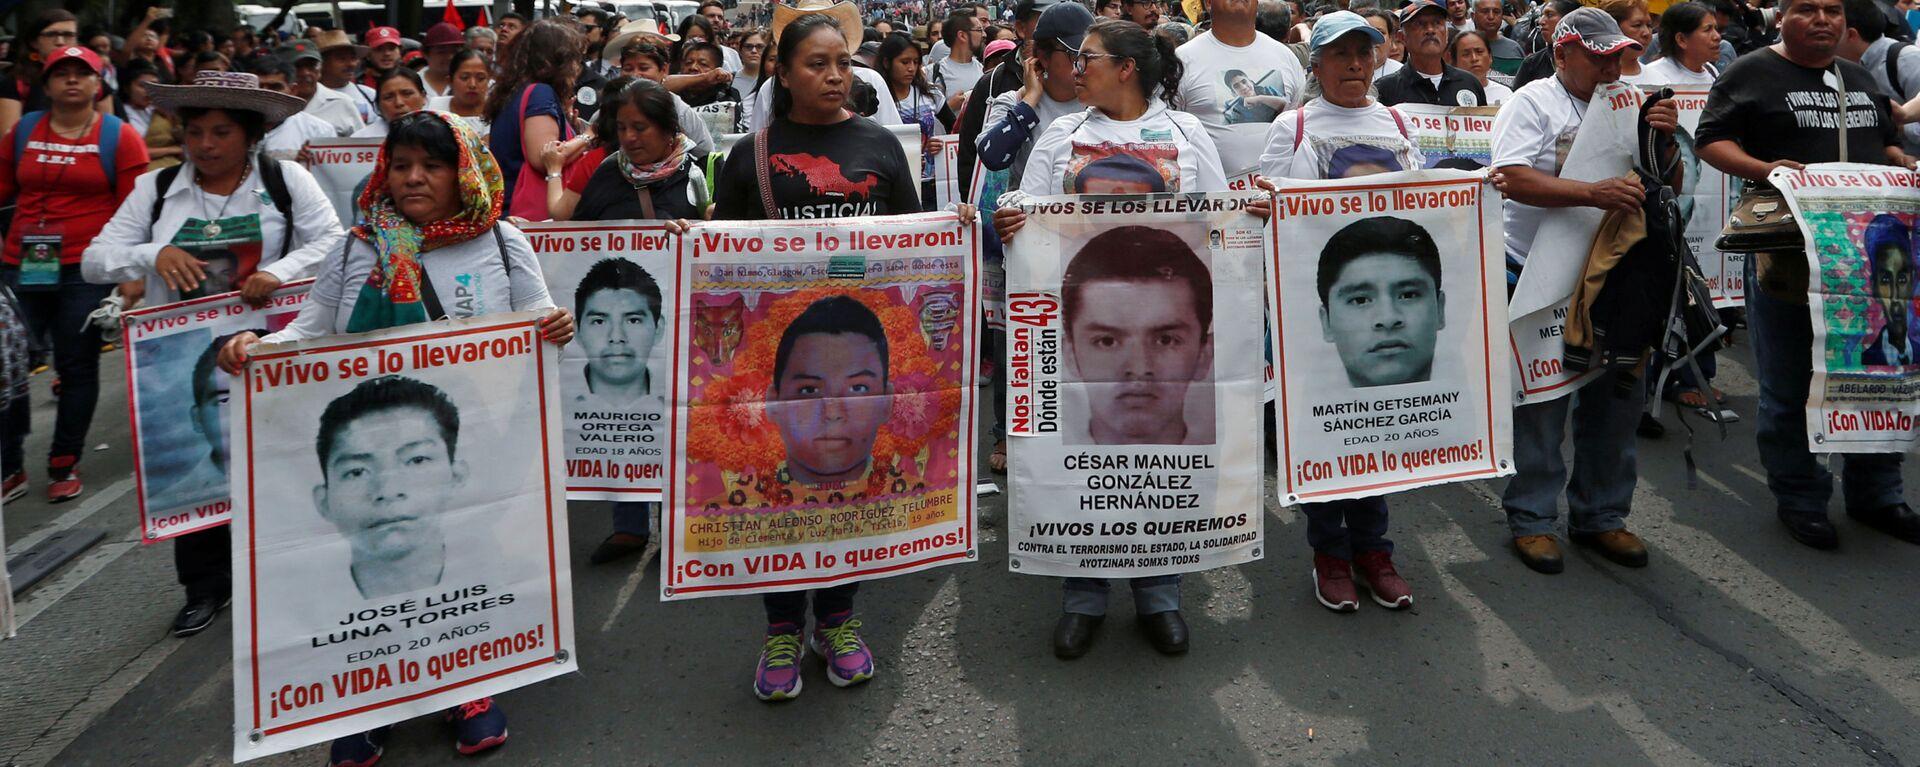 Los parientes sostienen carteles con fotos de estudiantes desaparecidos en una manifestación en México - Sputnik Mundo, 1920, 09.07.2020